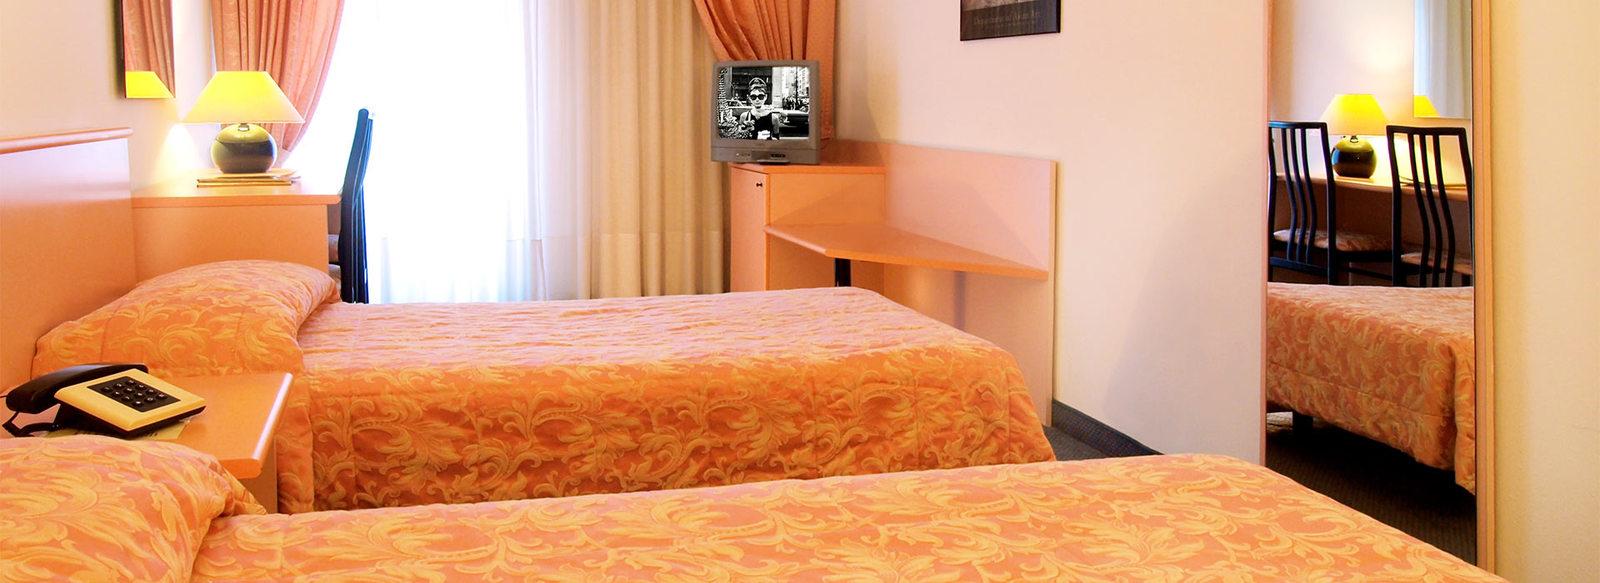 Hotel 3* in centro